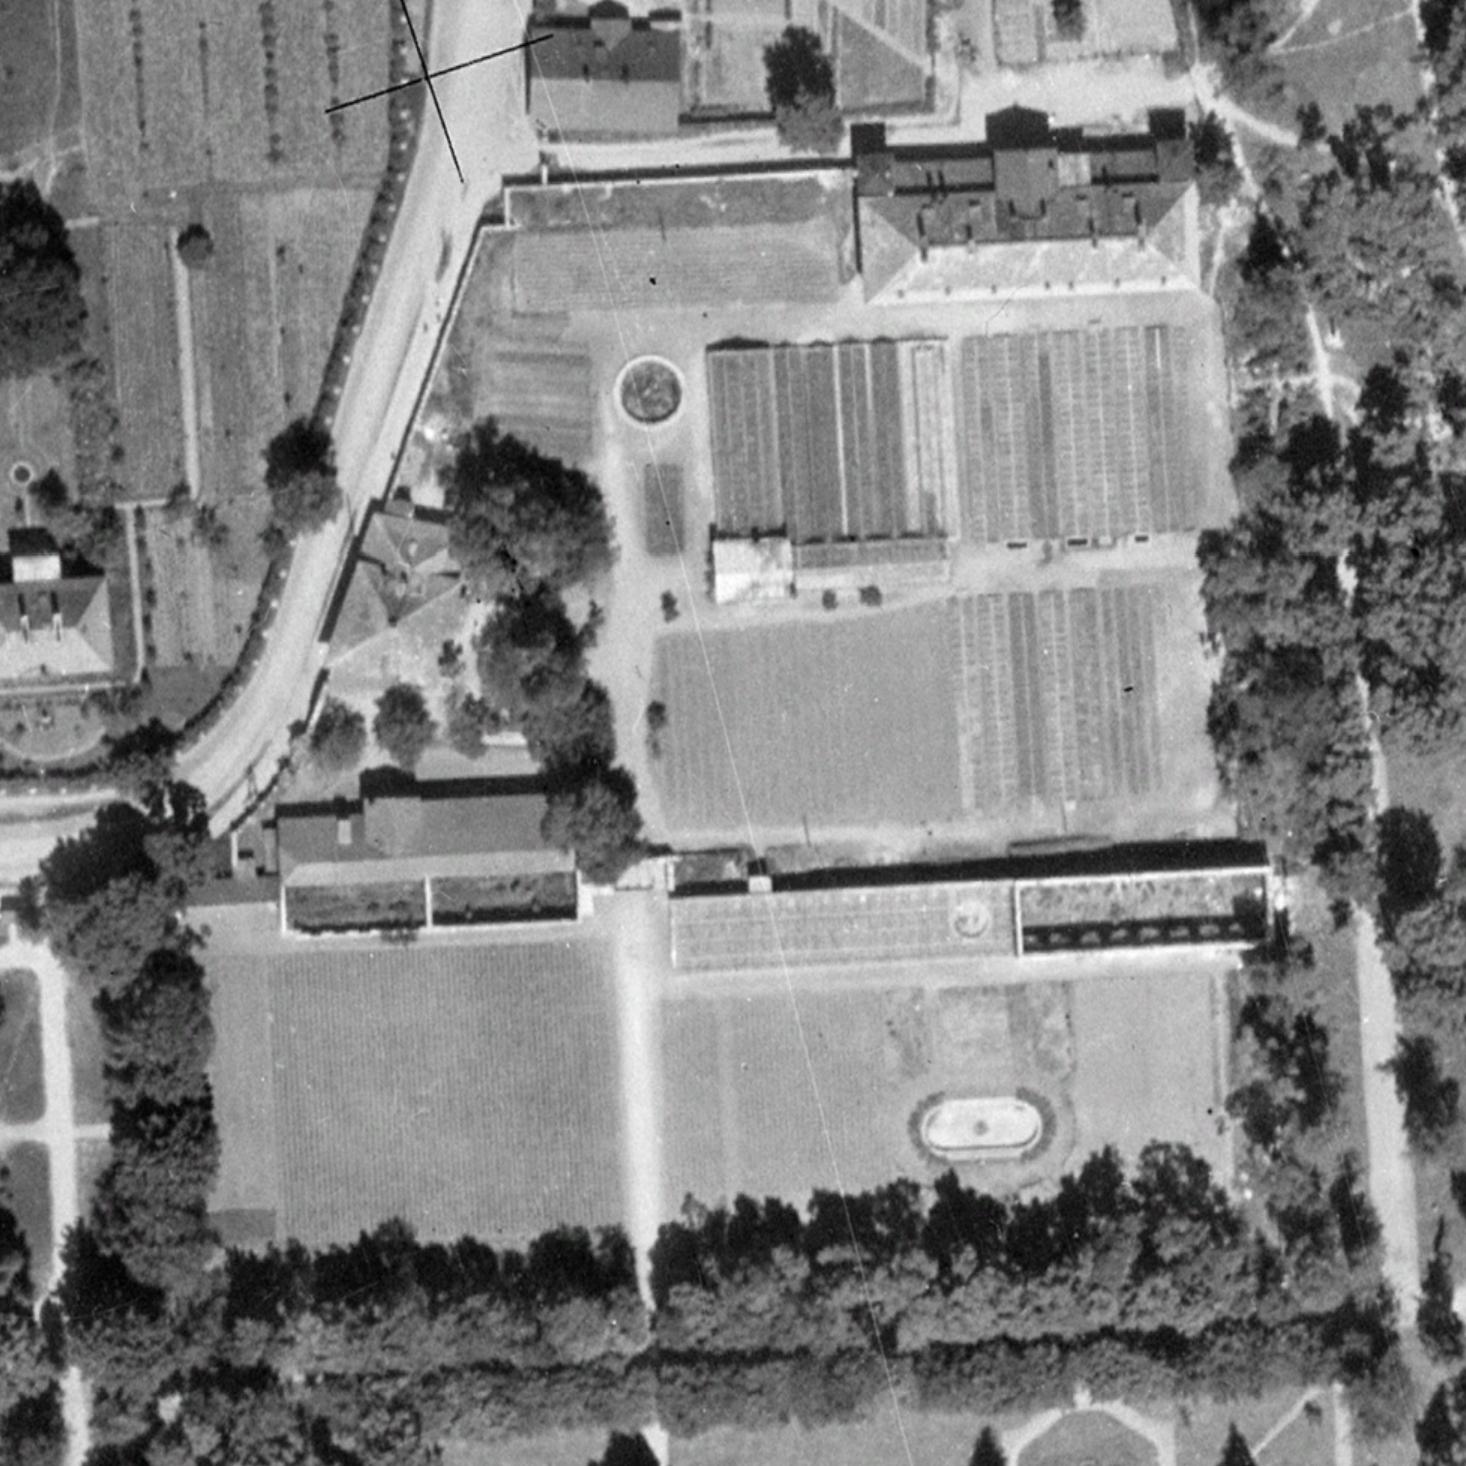 Zniszczone oranżeria, figarnia i wilanowskie ogrodnictwo na zdjęciu lotniczym w 1945